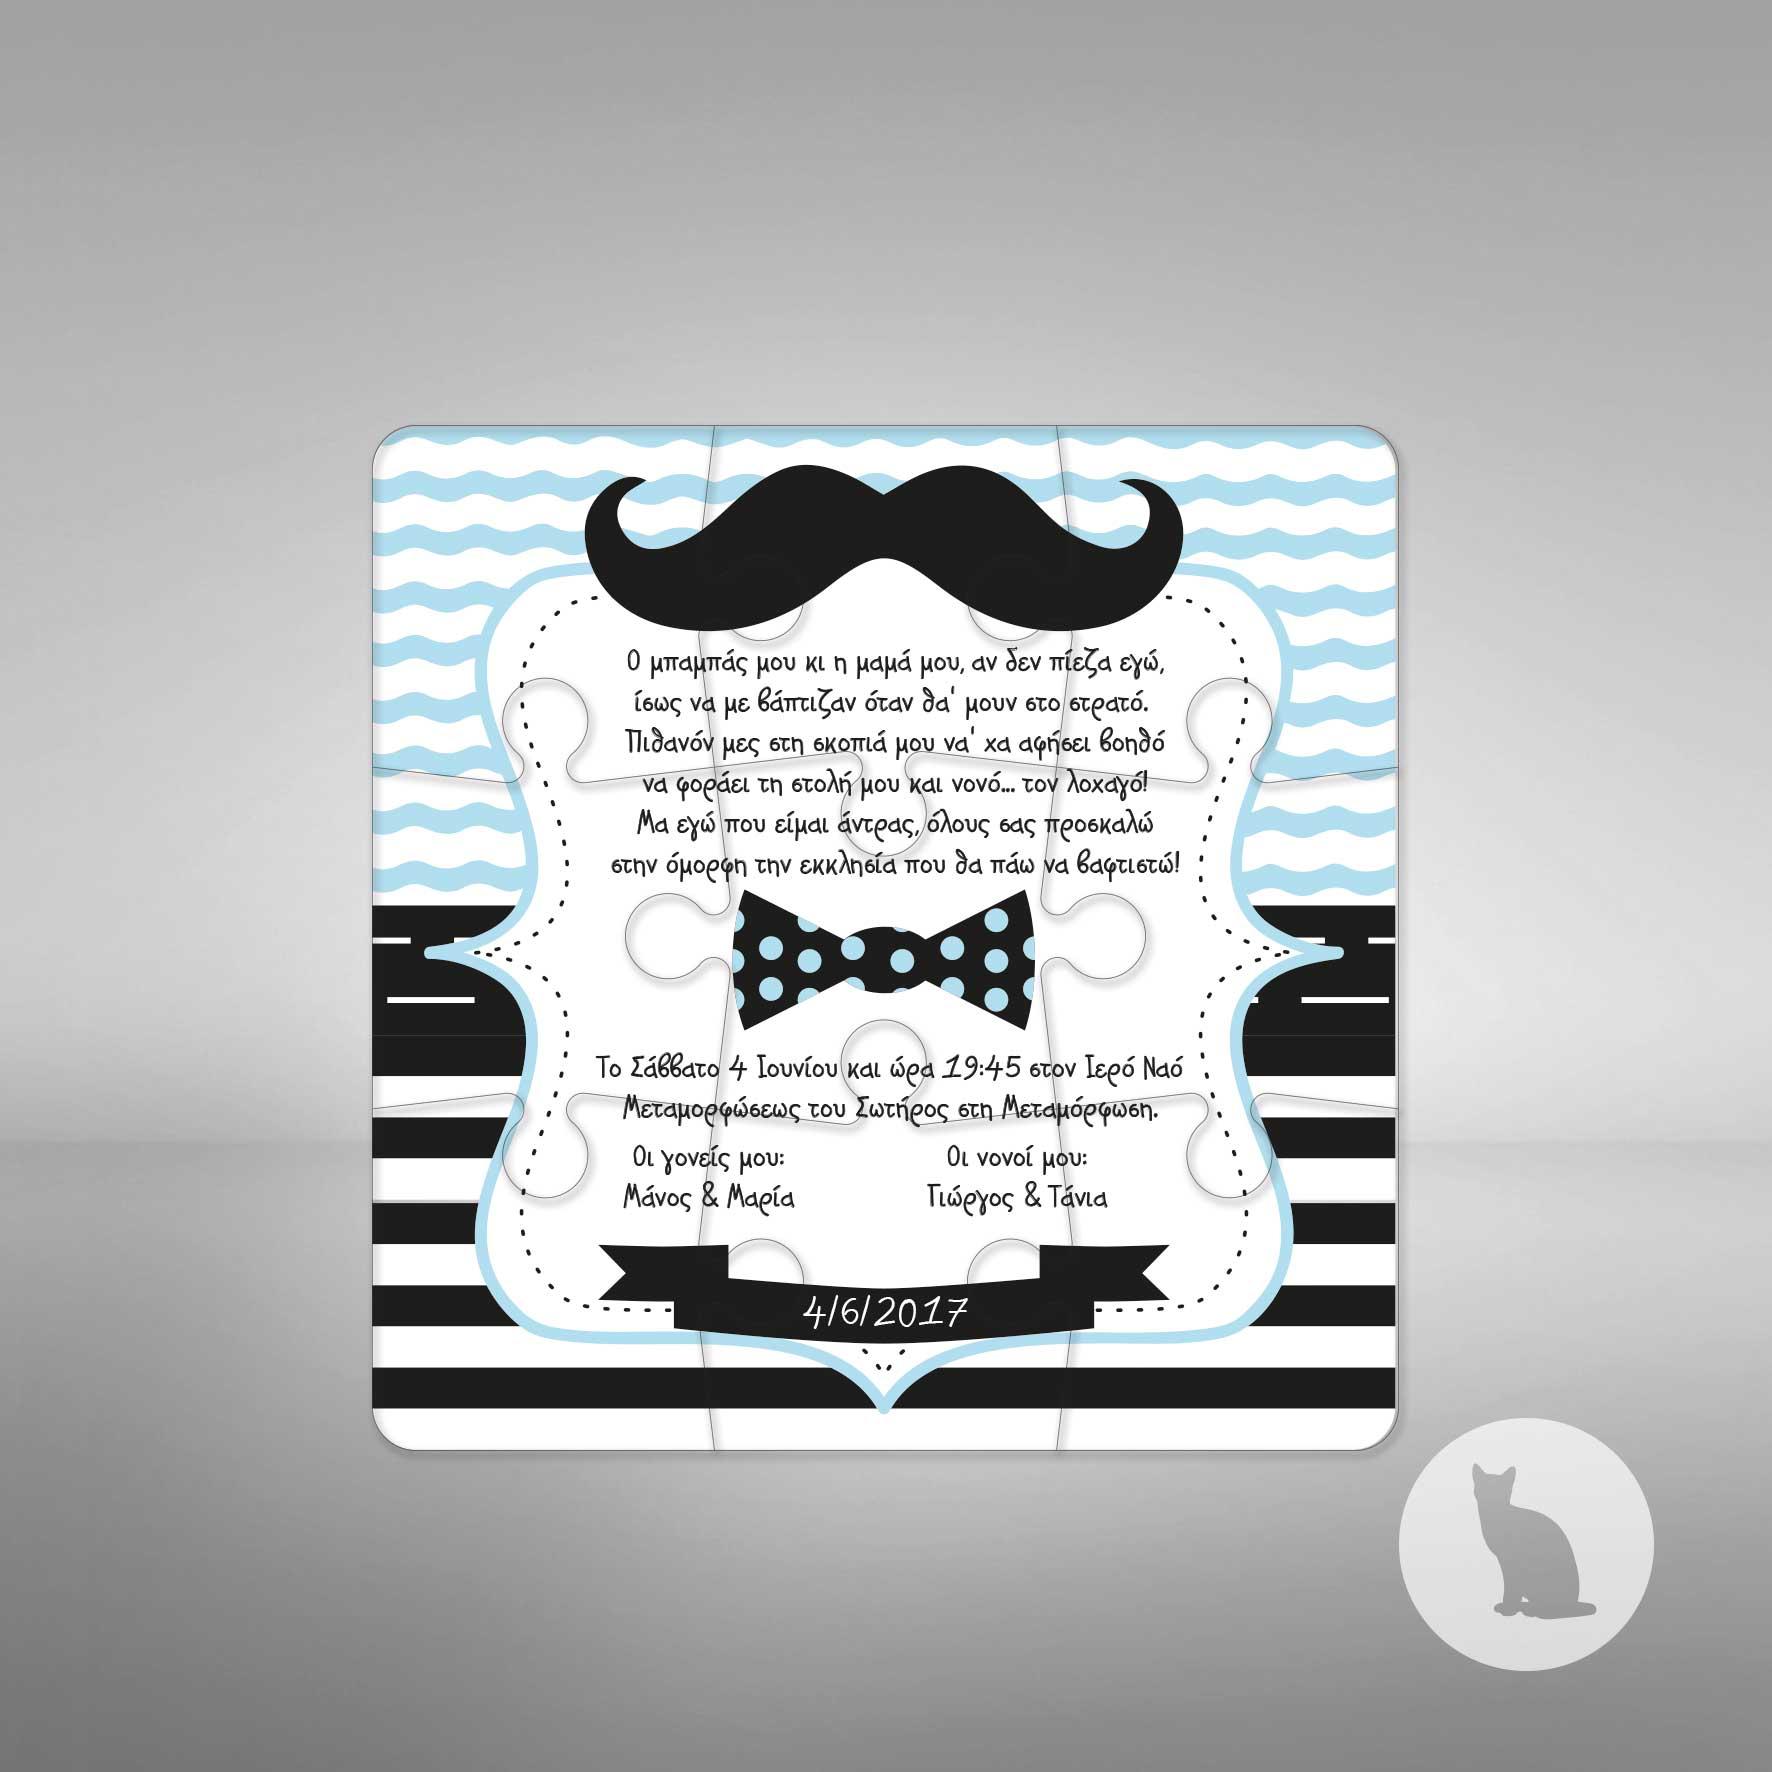 μουστάκι, 9 κομματιών, moustaki, prosklhthrio, puzzle, παζλ, προσκλητήριο σε παζλ, concept